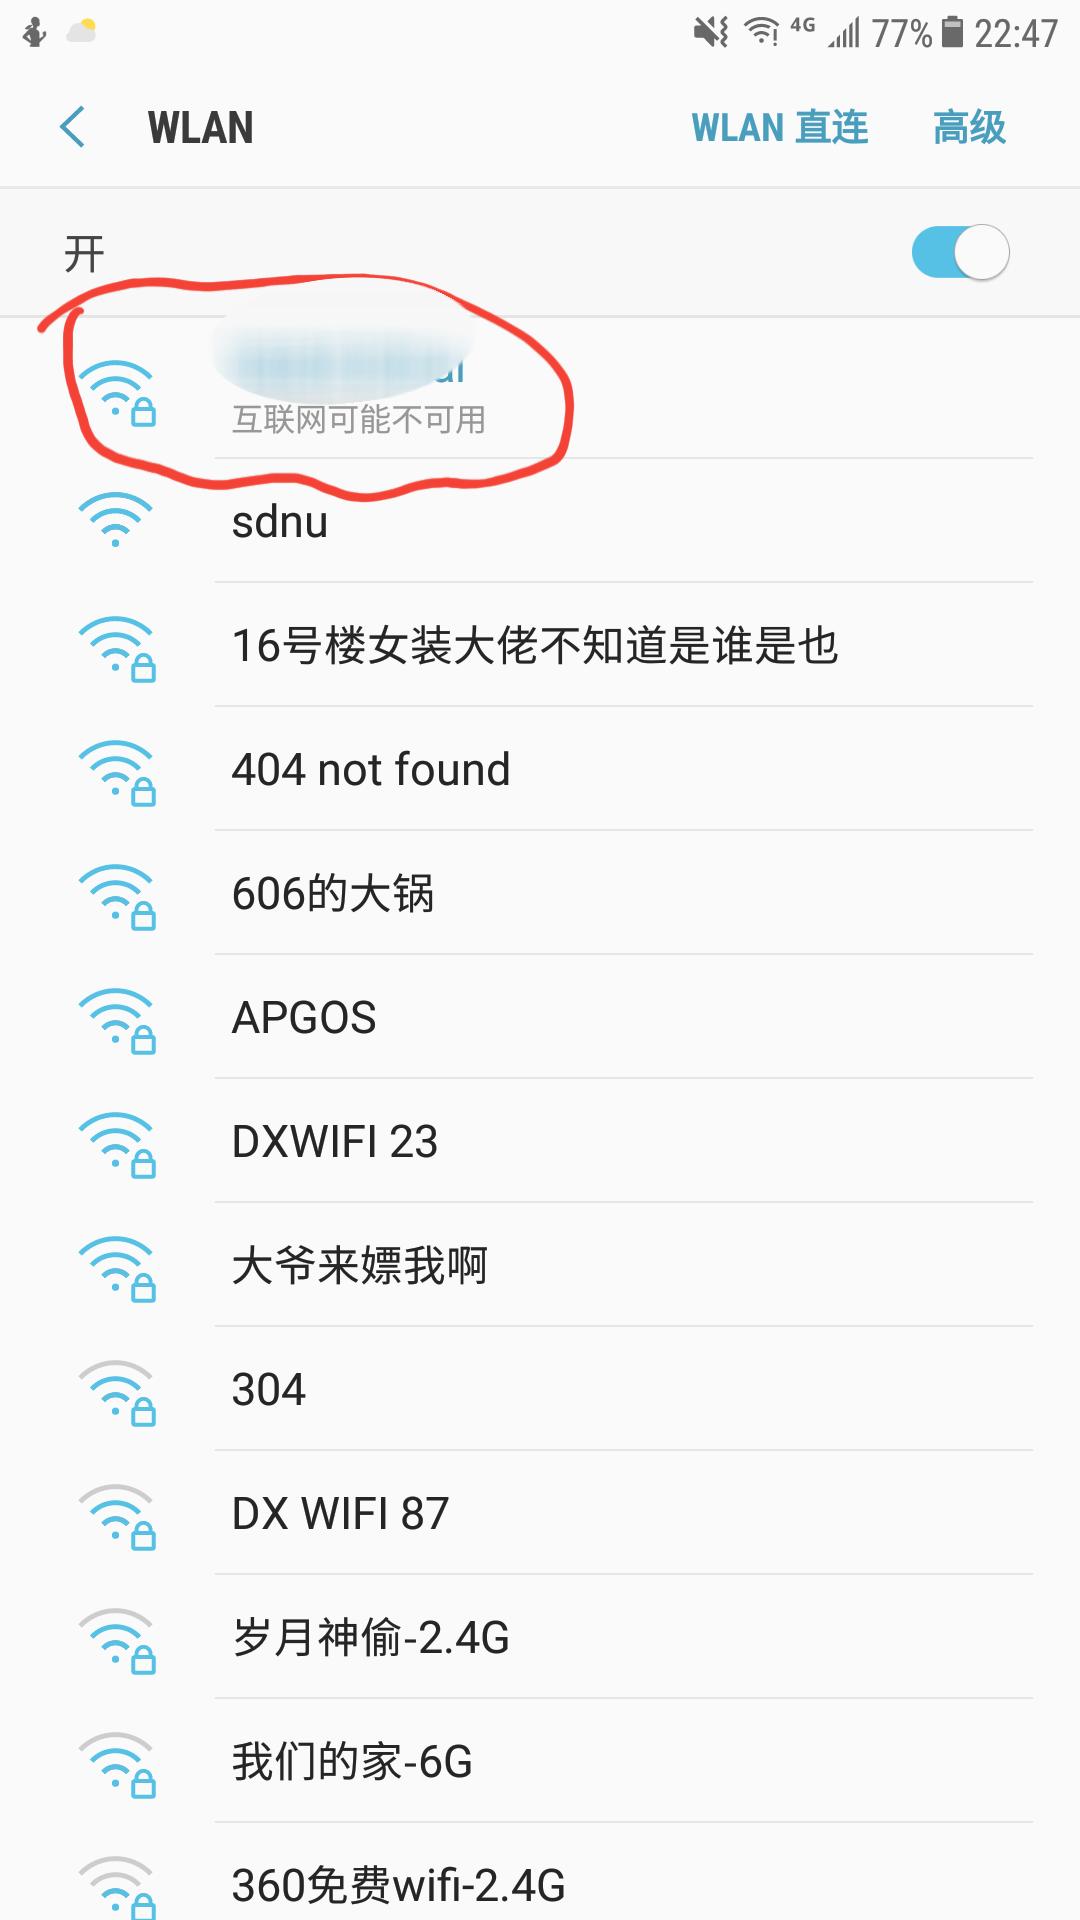 互联网可能不可用